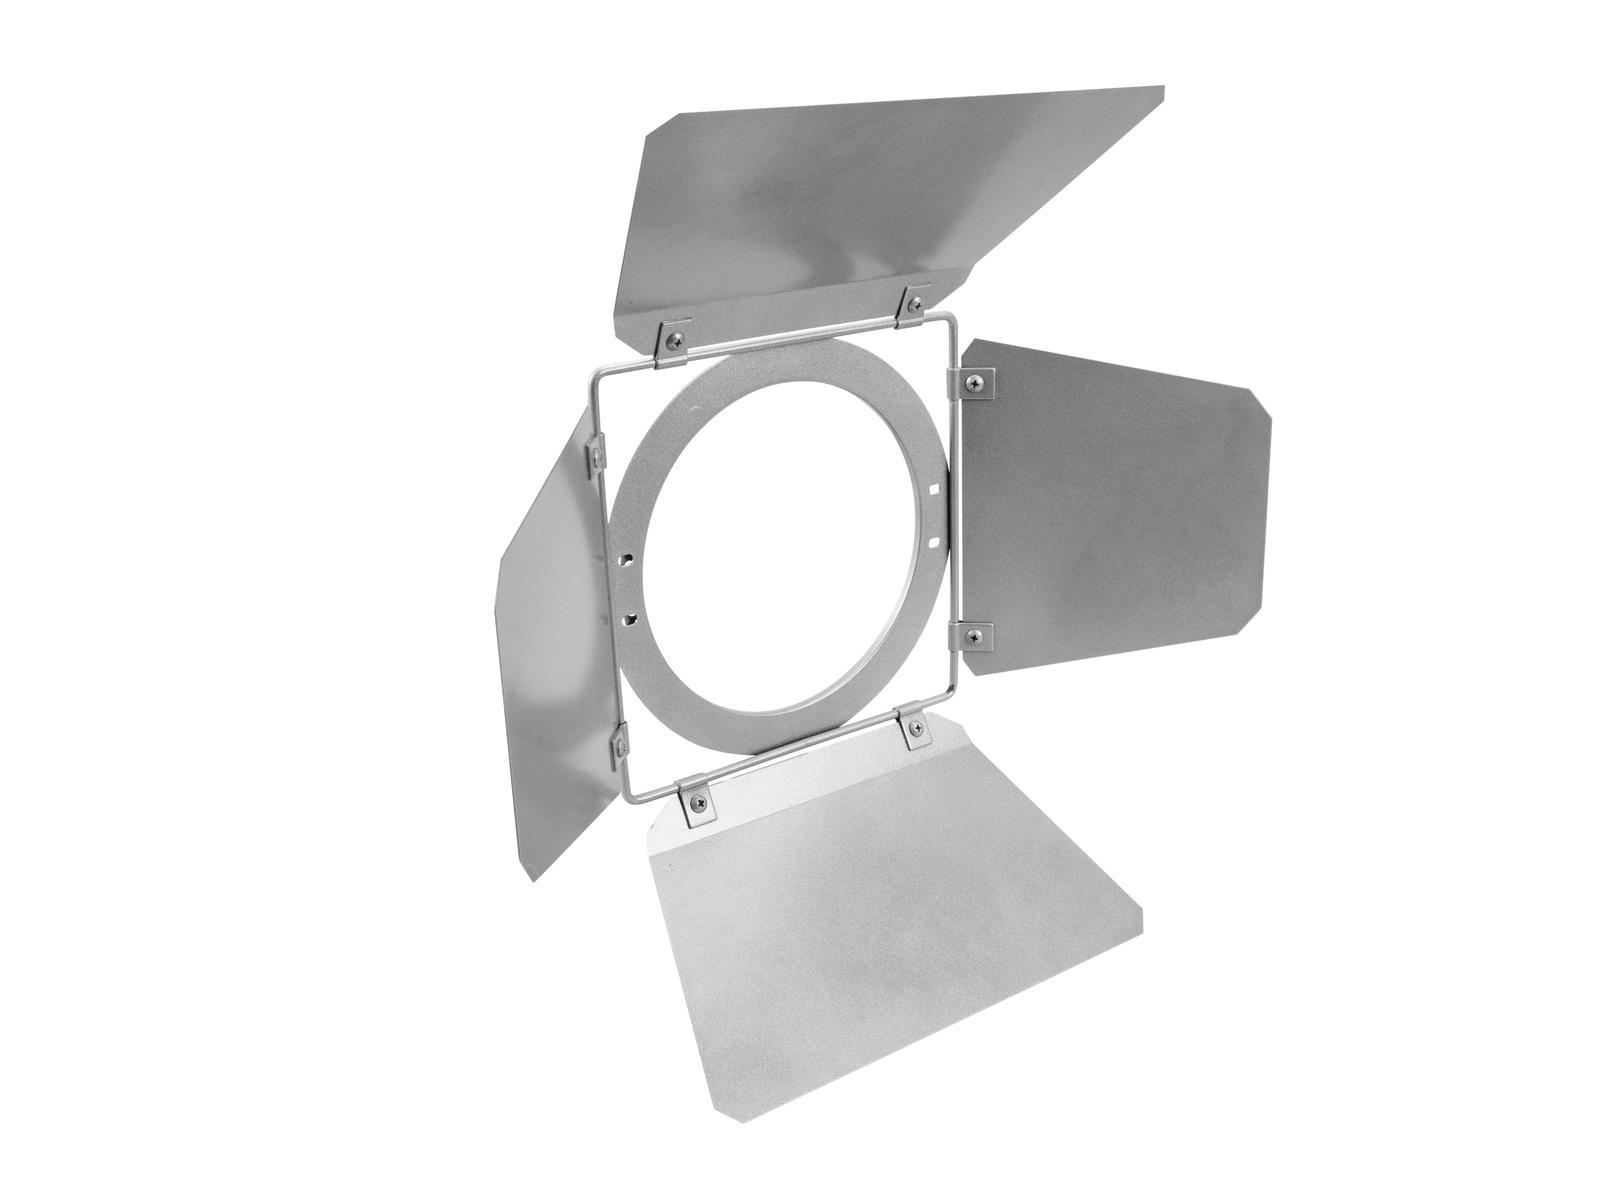 EUROLITE Flügelbegrenzer 213x213mm sil